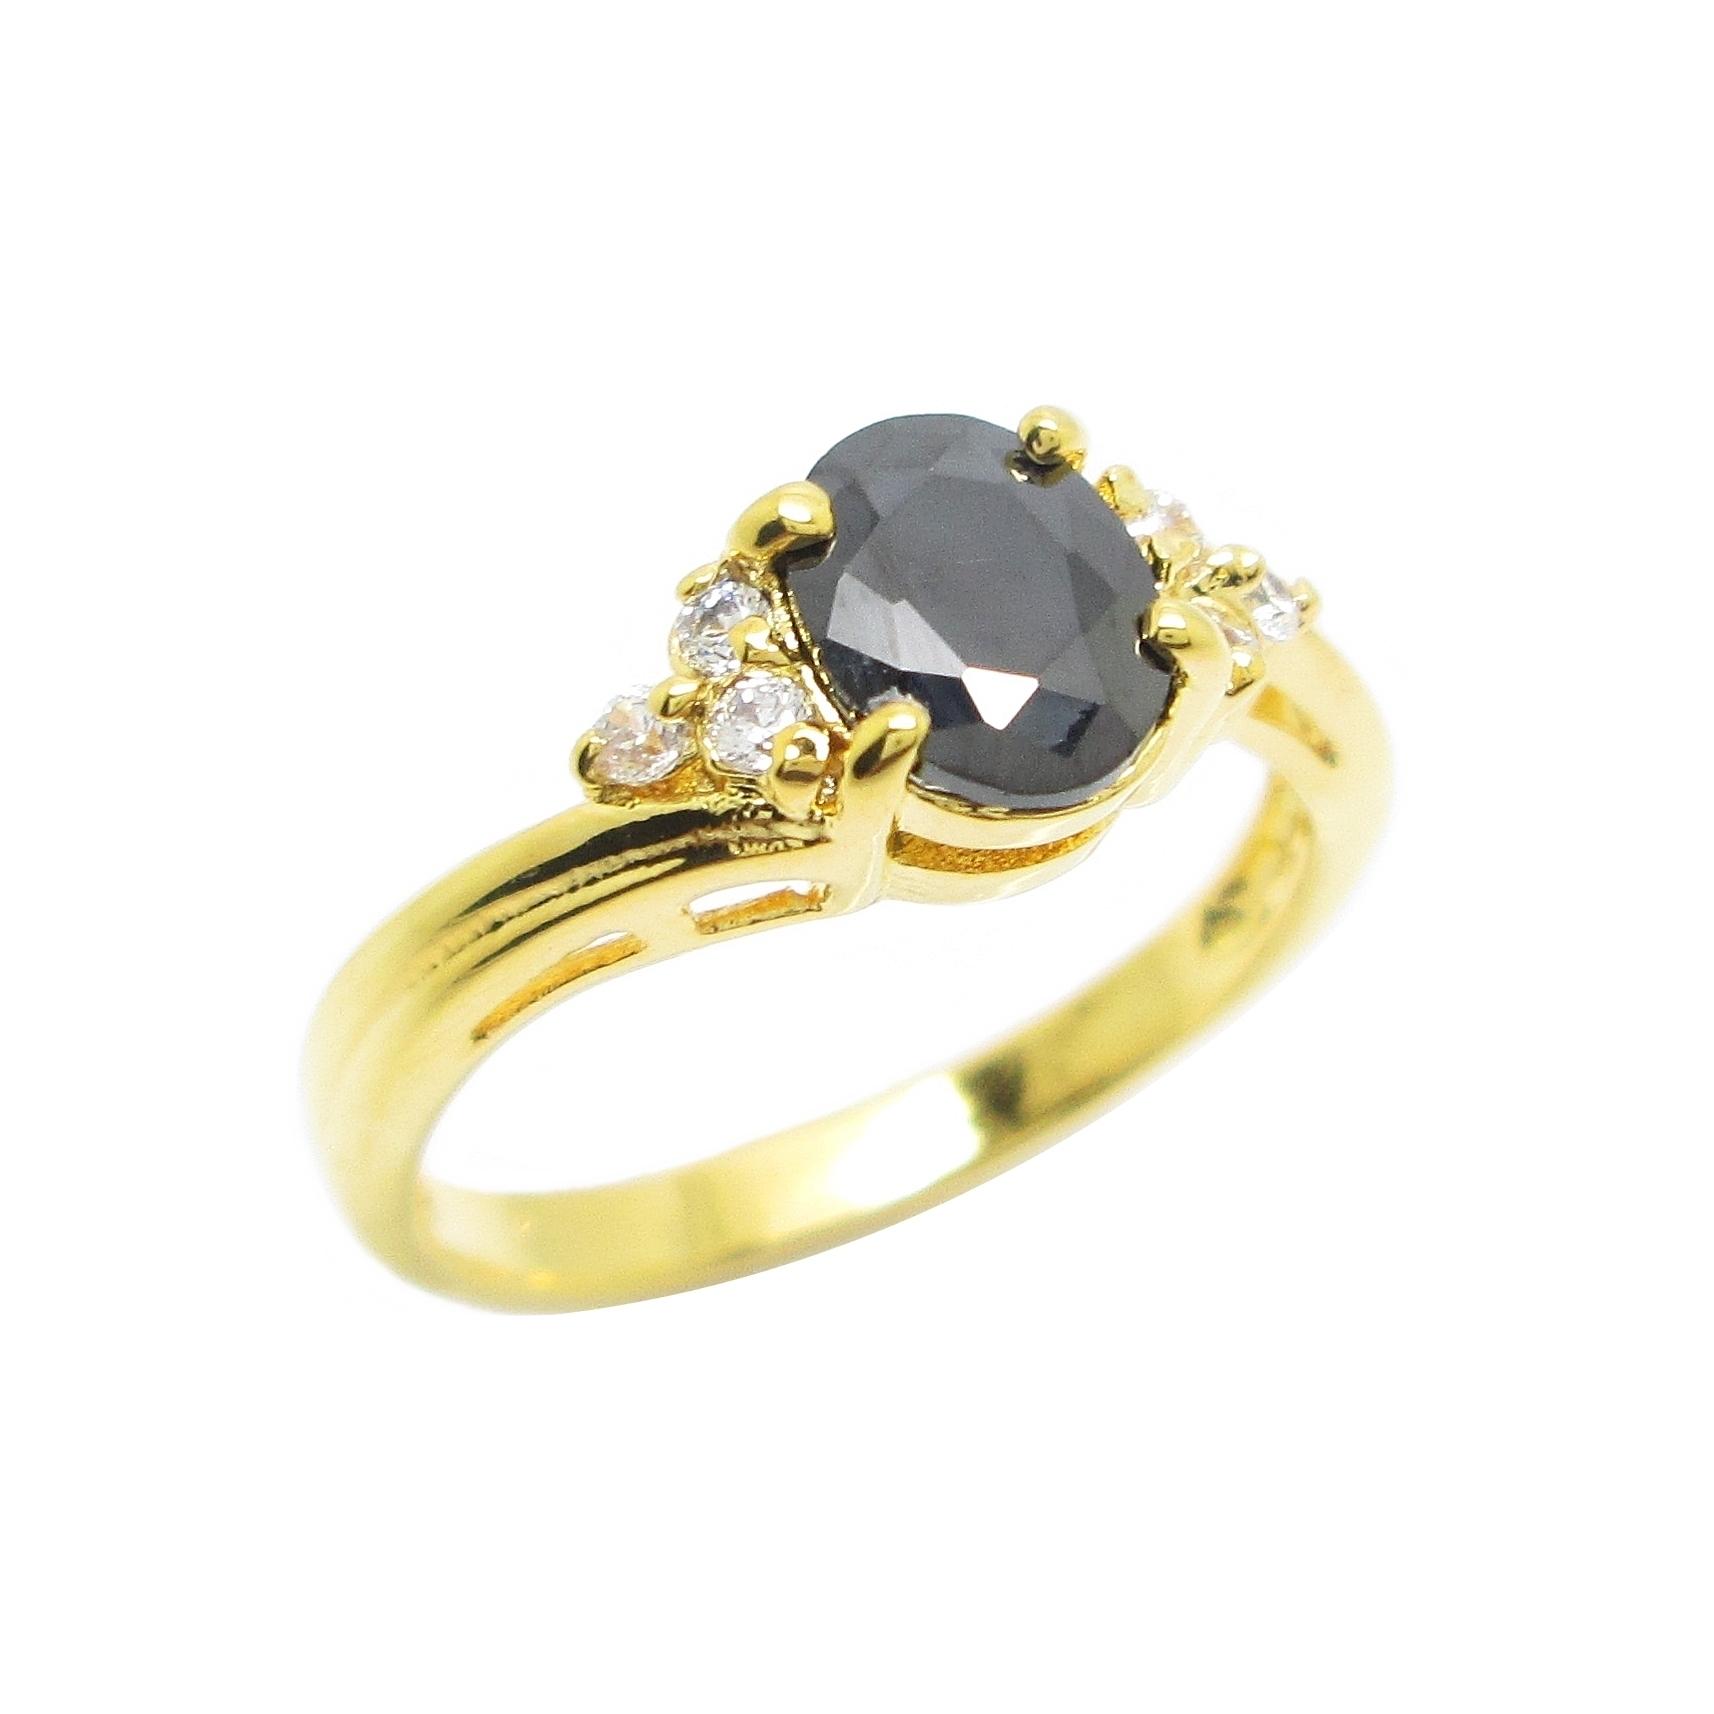 แหวนพลอยสีนิลประดับเพชรข้างชุบทอง